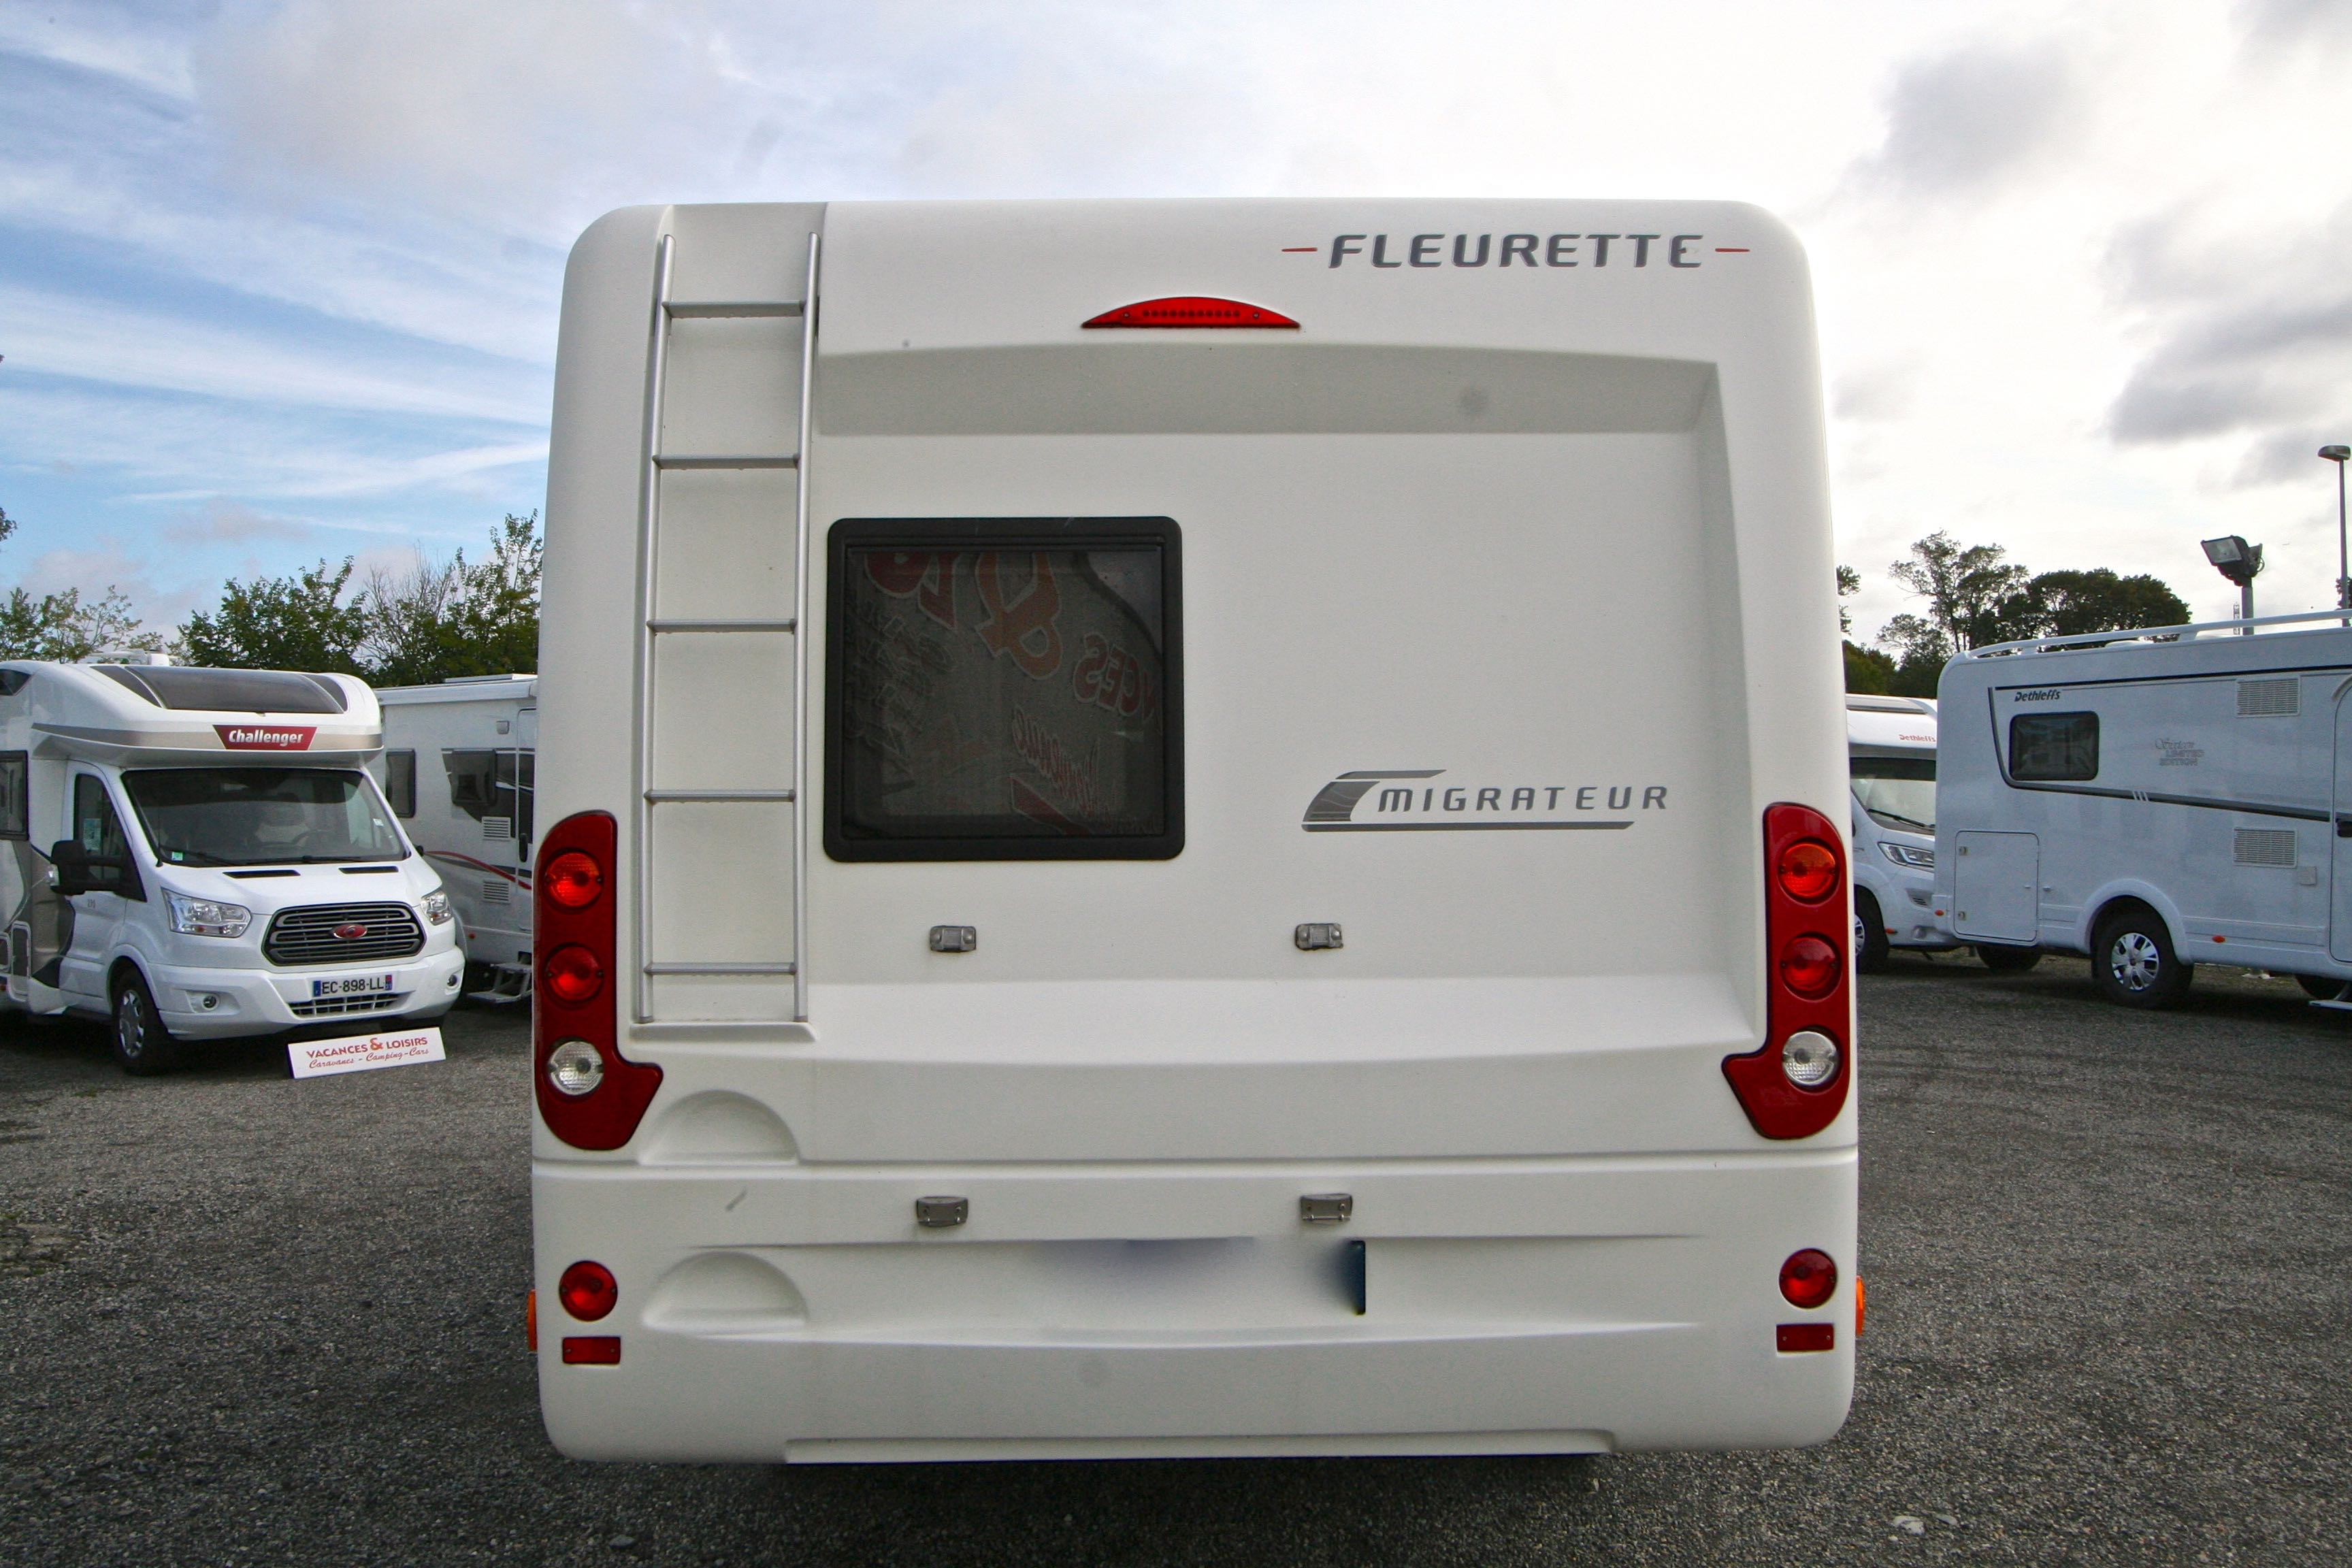 fleurette migrateur 63 lg occasion de 2014 fiat camping car en vente roques sur garonne. Black Bedroom Furniture Sets. Home Design Ideas